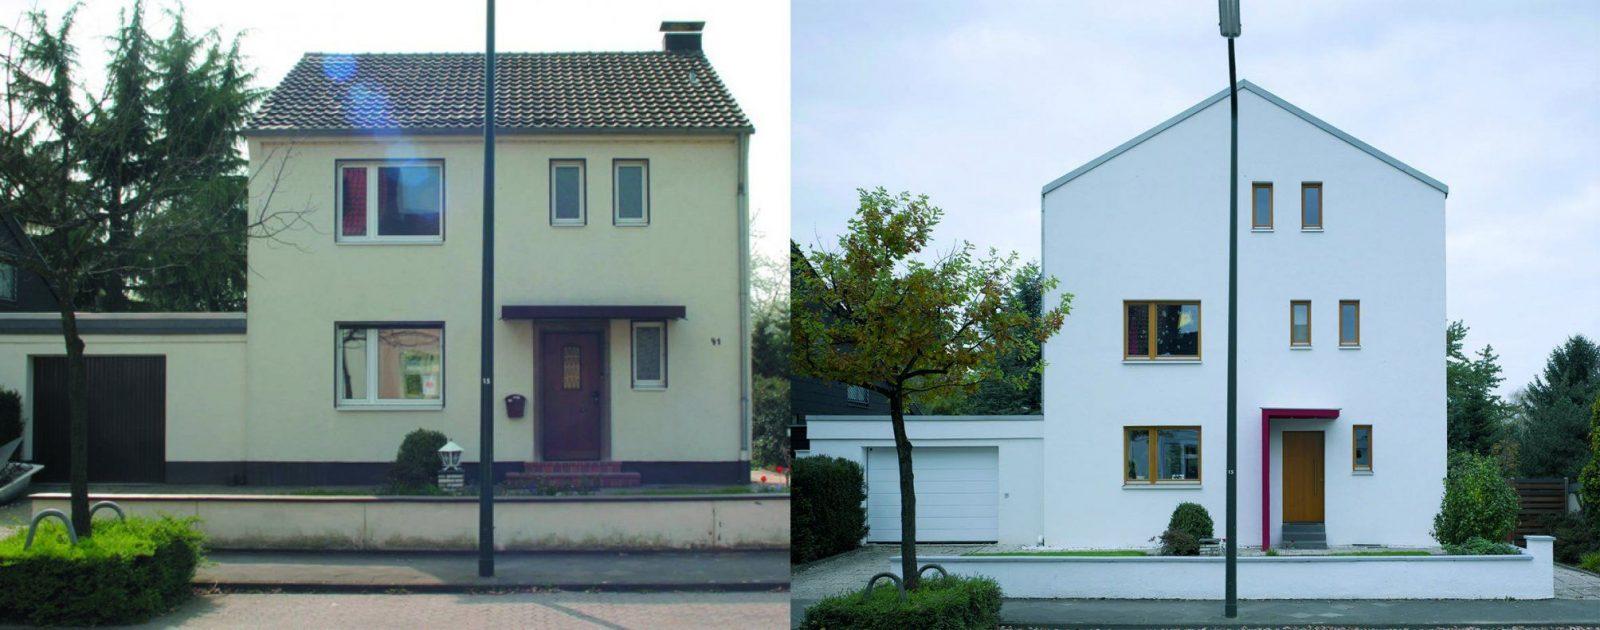 Haus Modernisieren Vorher Nachher Wohndesign Schler von Haus Aufstocken Vorher Nachher Bild